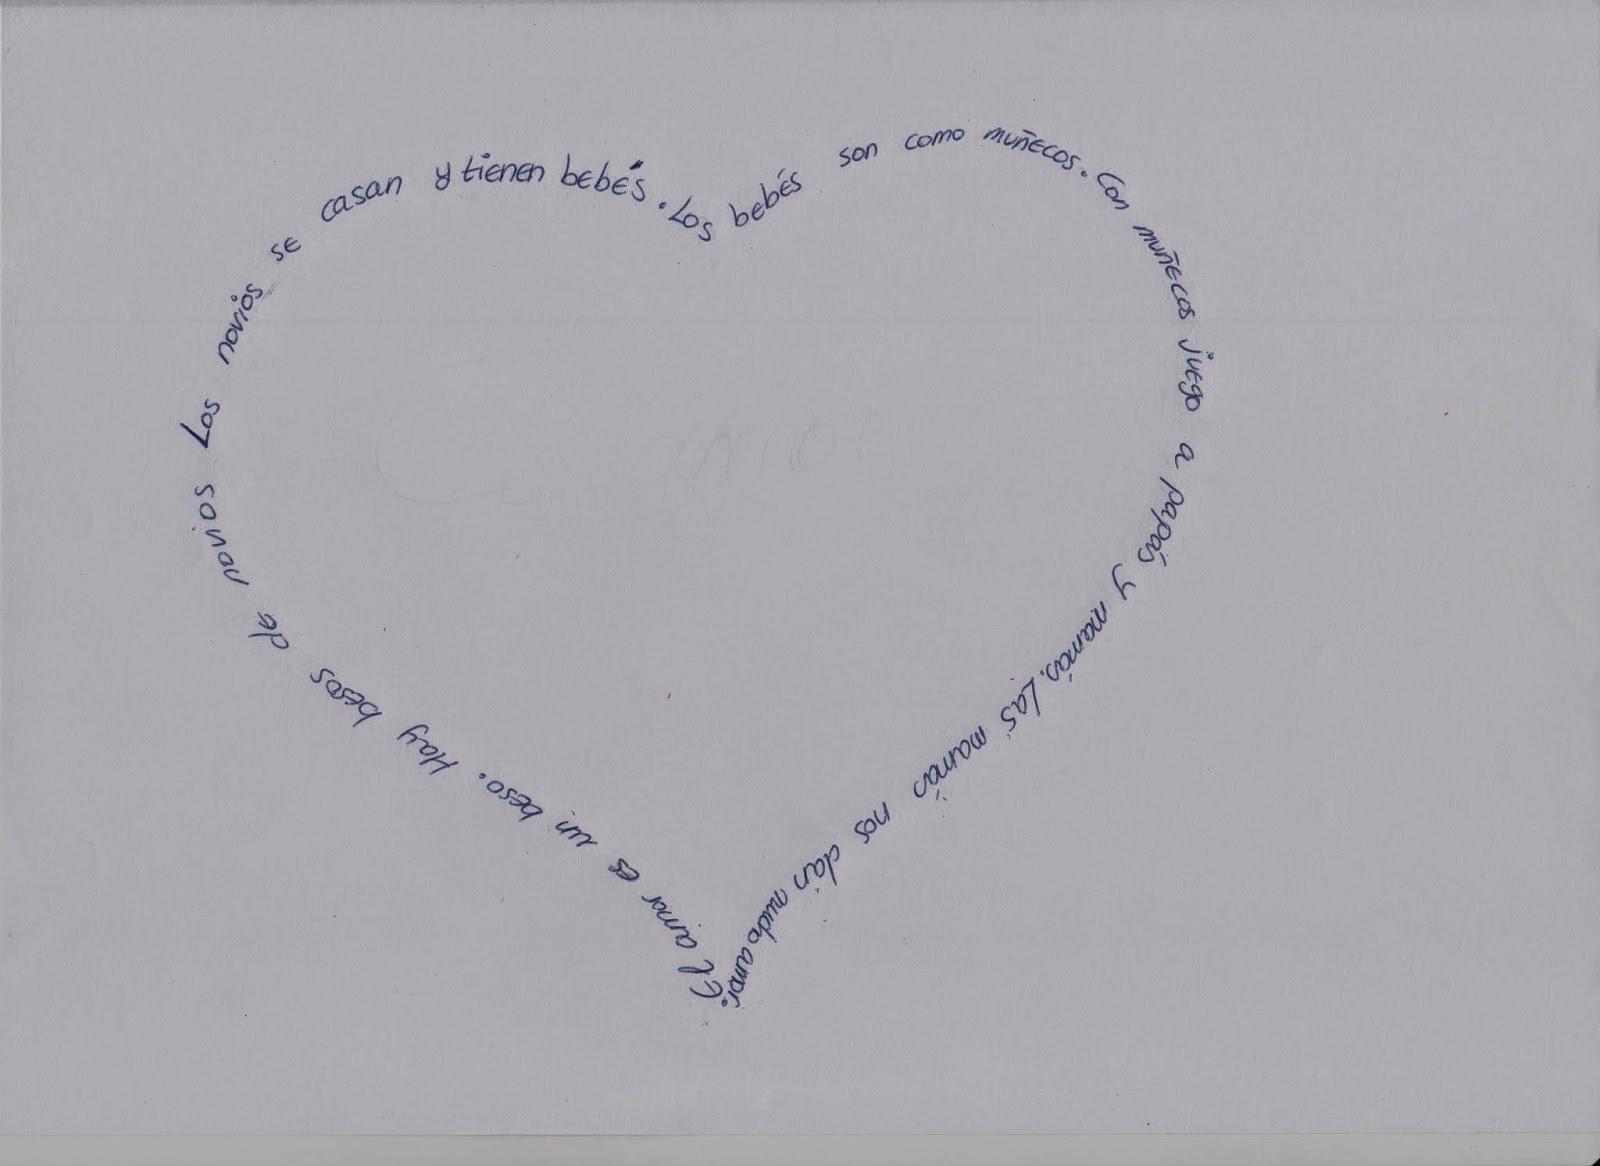 Este texto es un caligrama, pues tiene forma de corazón, formado por